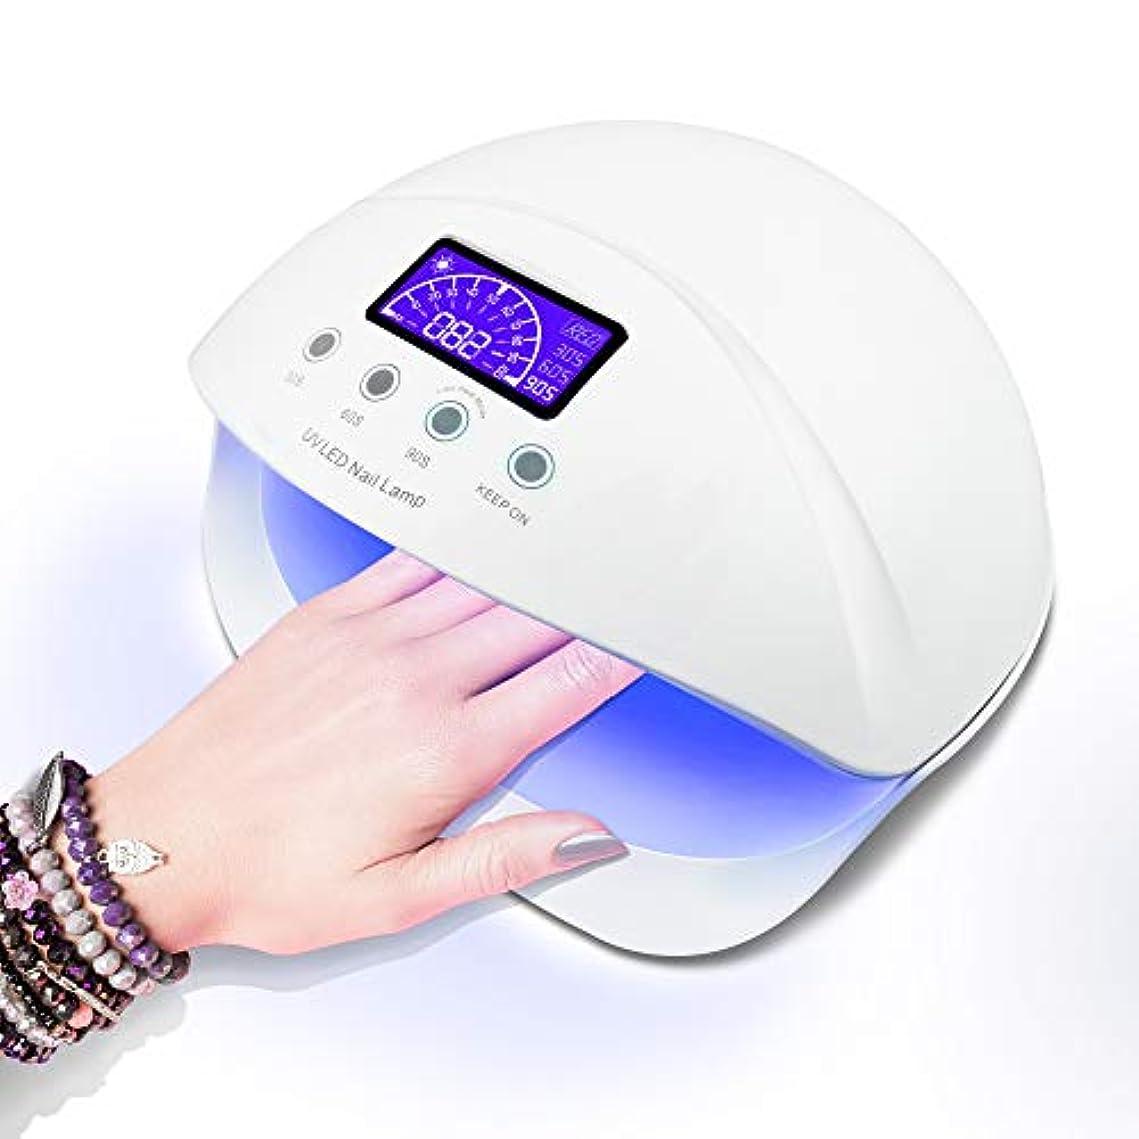 教室くびれたテスピアンLED ネイルドライヤー UVネイルライト 50W ハイパワー ジェルネイルライト 肌をケア センサータイマー付き UVライト 速乾UV ネイル ハンドフット両用  ネイル led ライト [日本語取扱説明書付き]